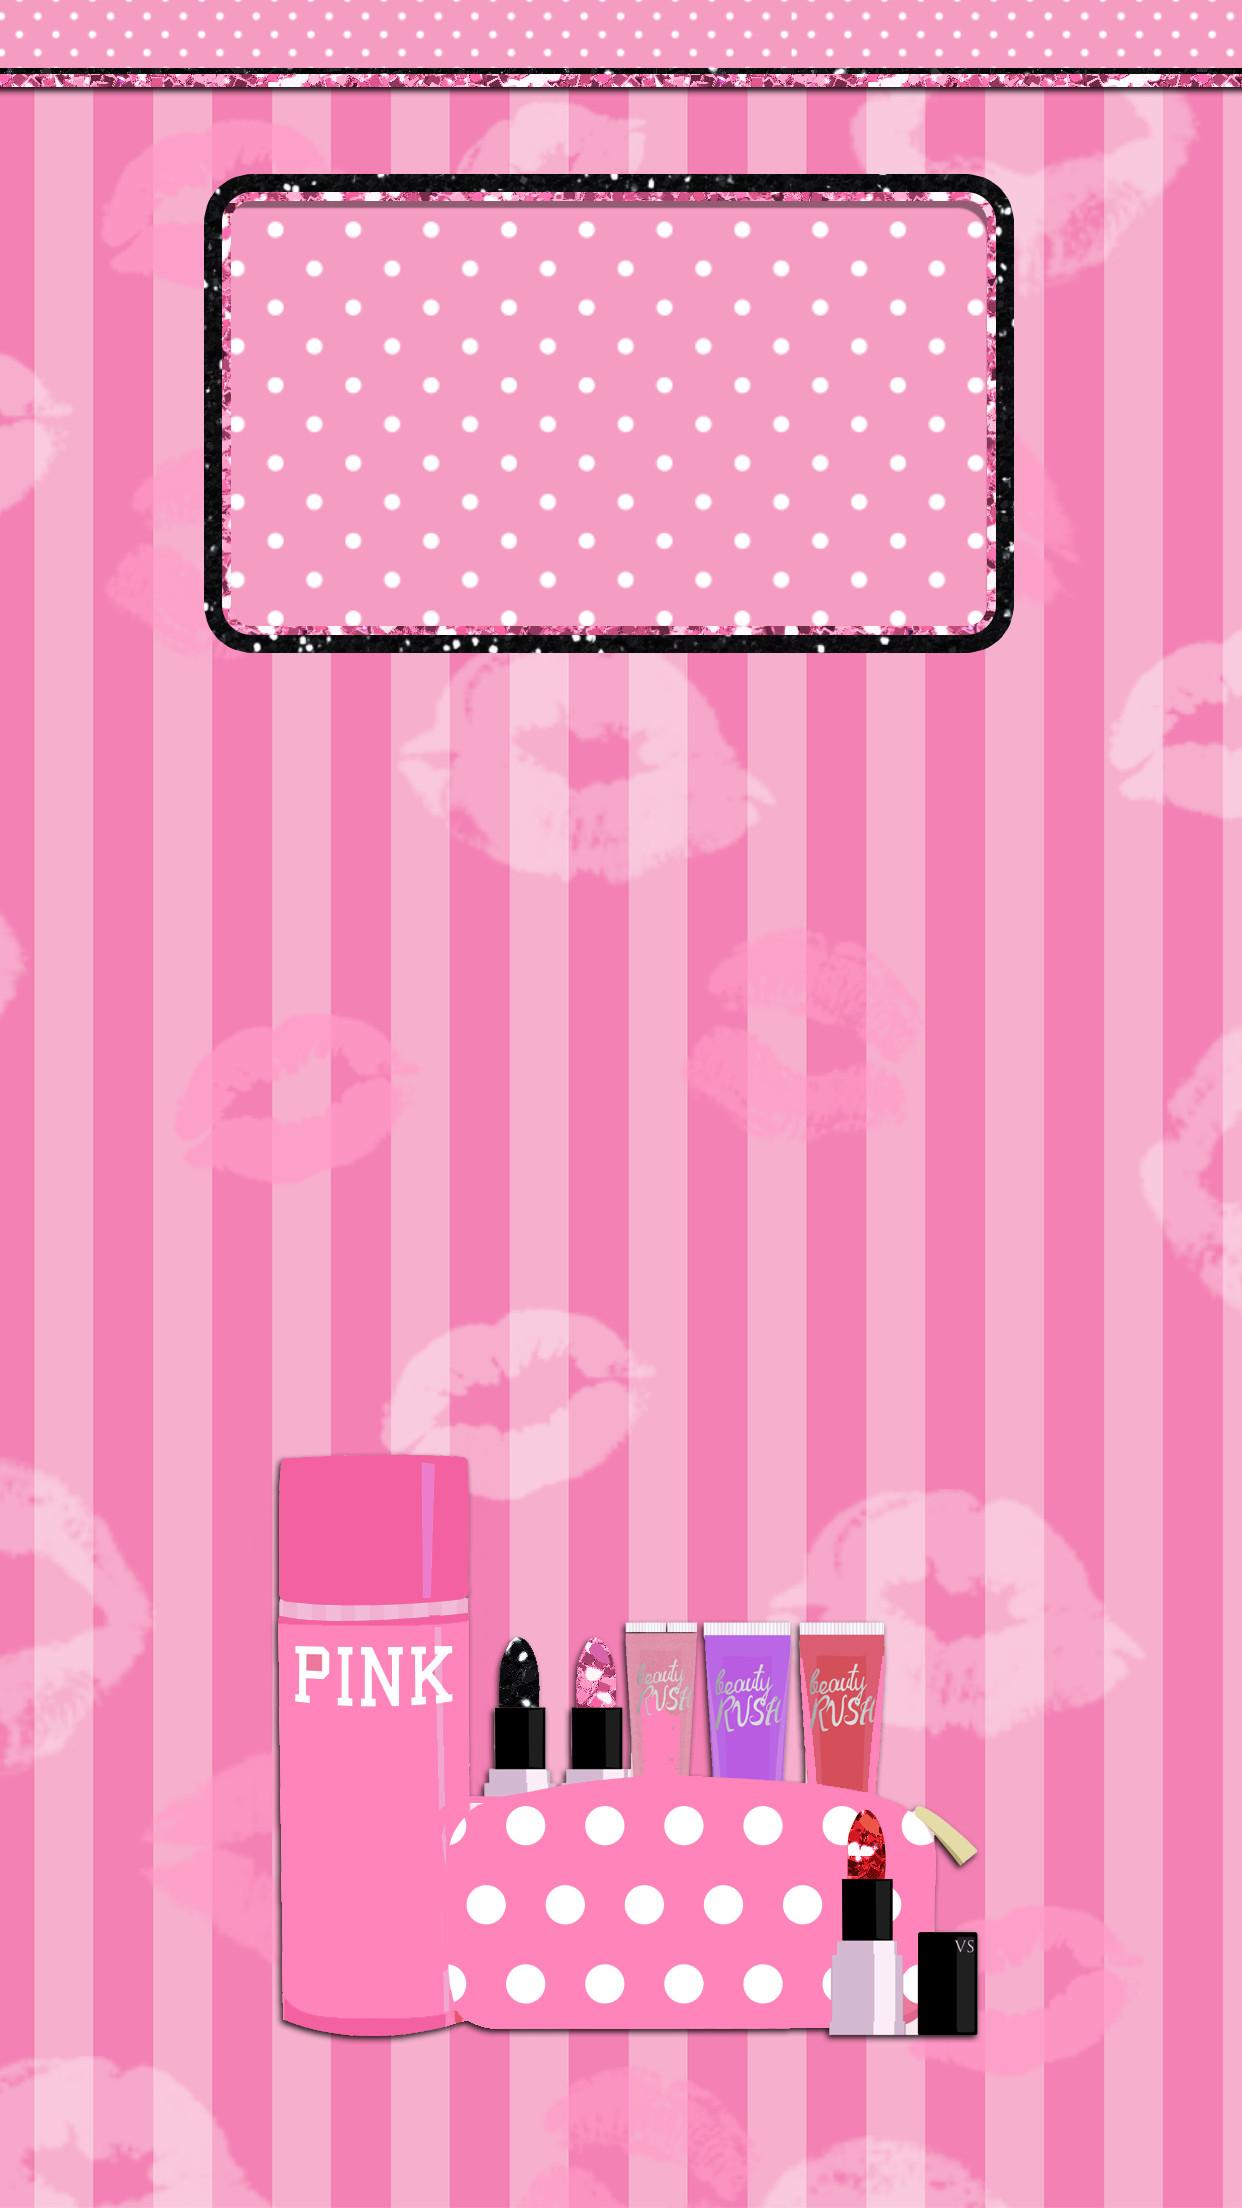 Pink-Victoria-Secret-Lockscreen-Wallpaper